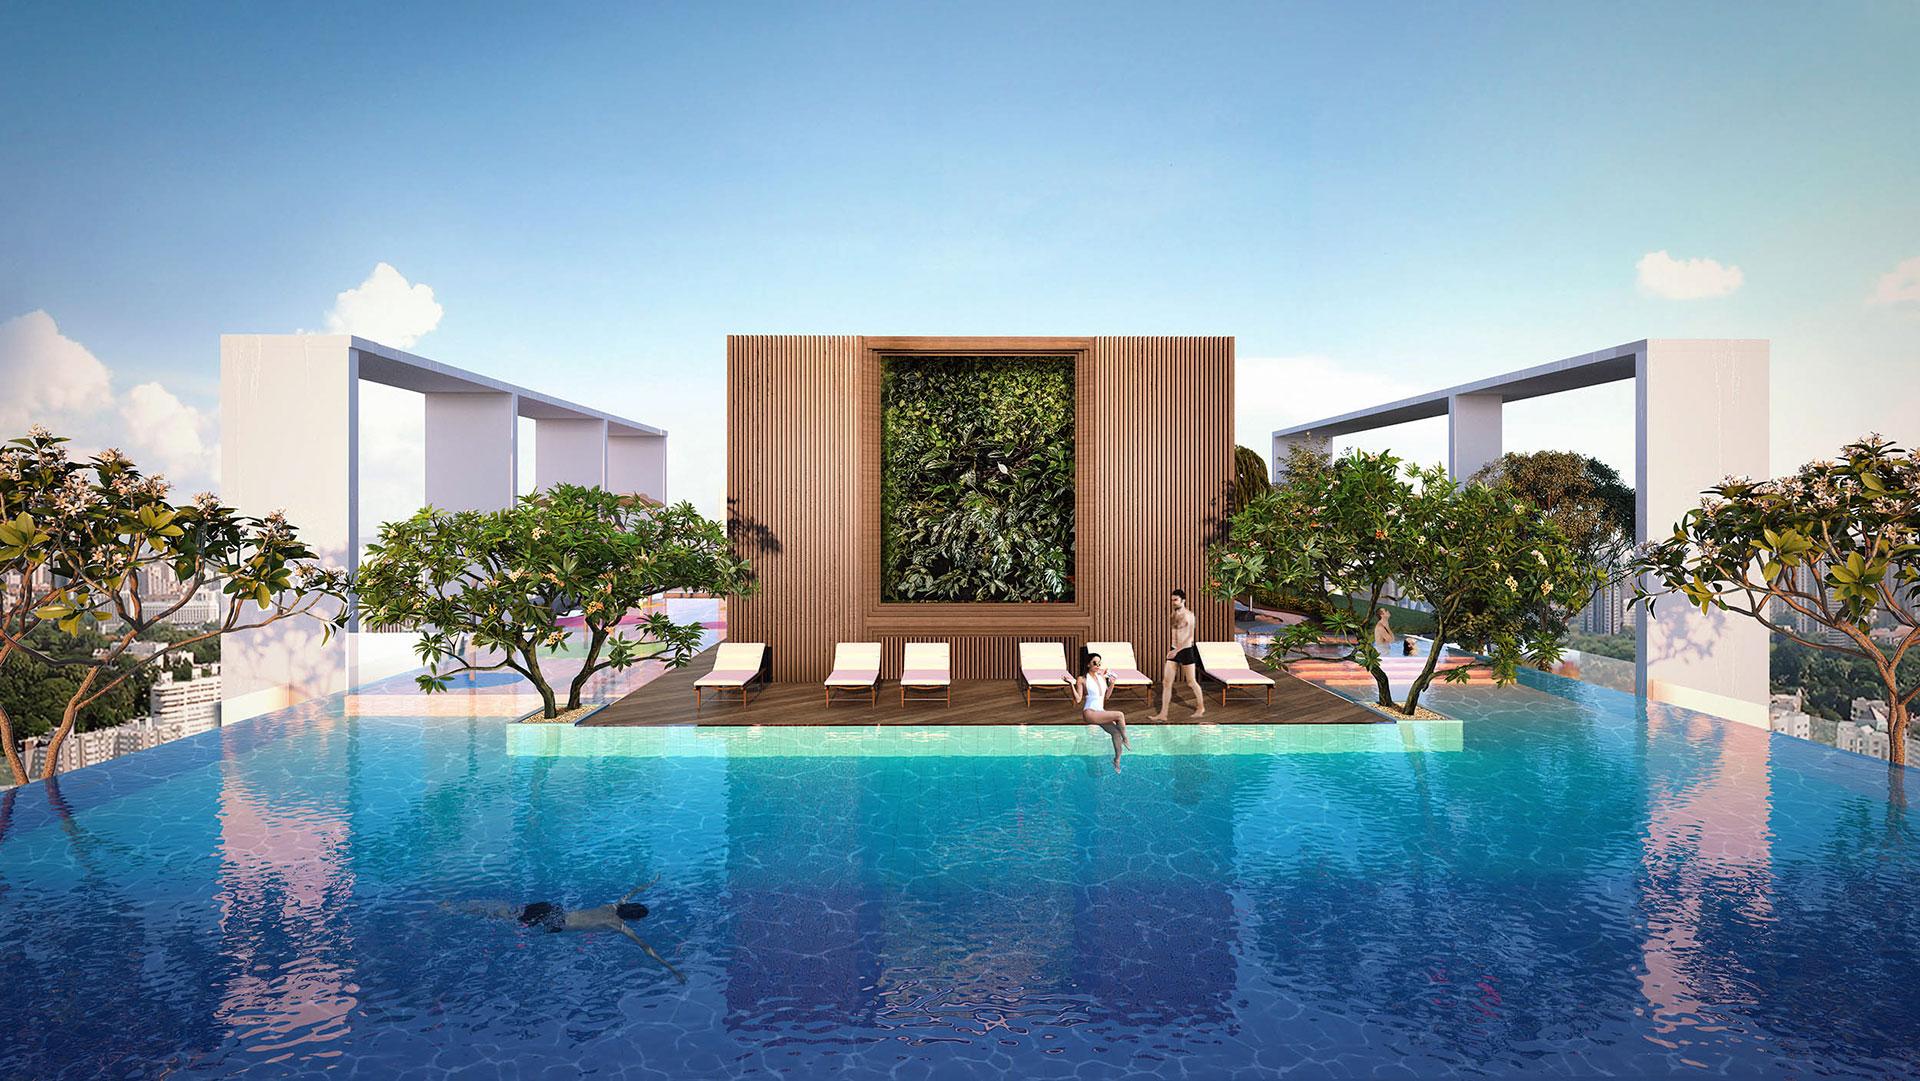 Giá Cho thuê căn hộ chung cư Ascent Plaza bao nhiêu ? 5